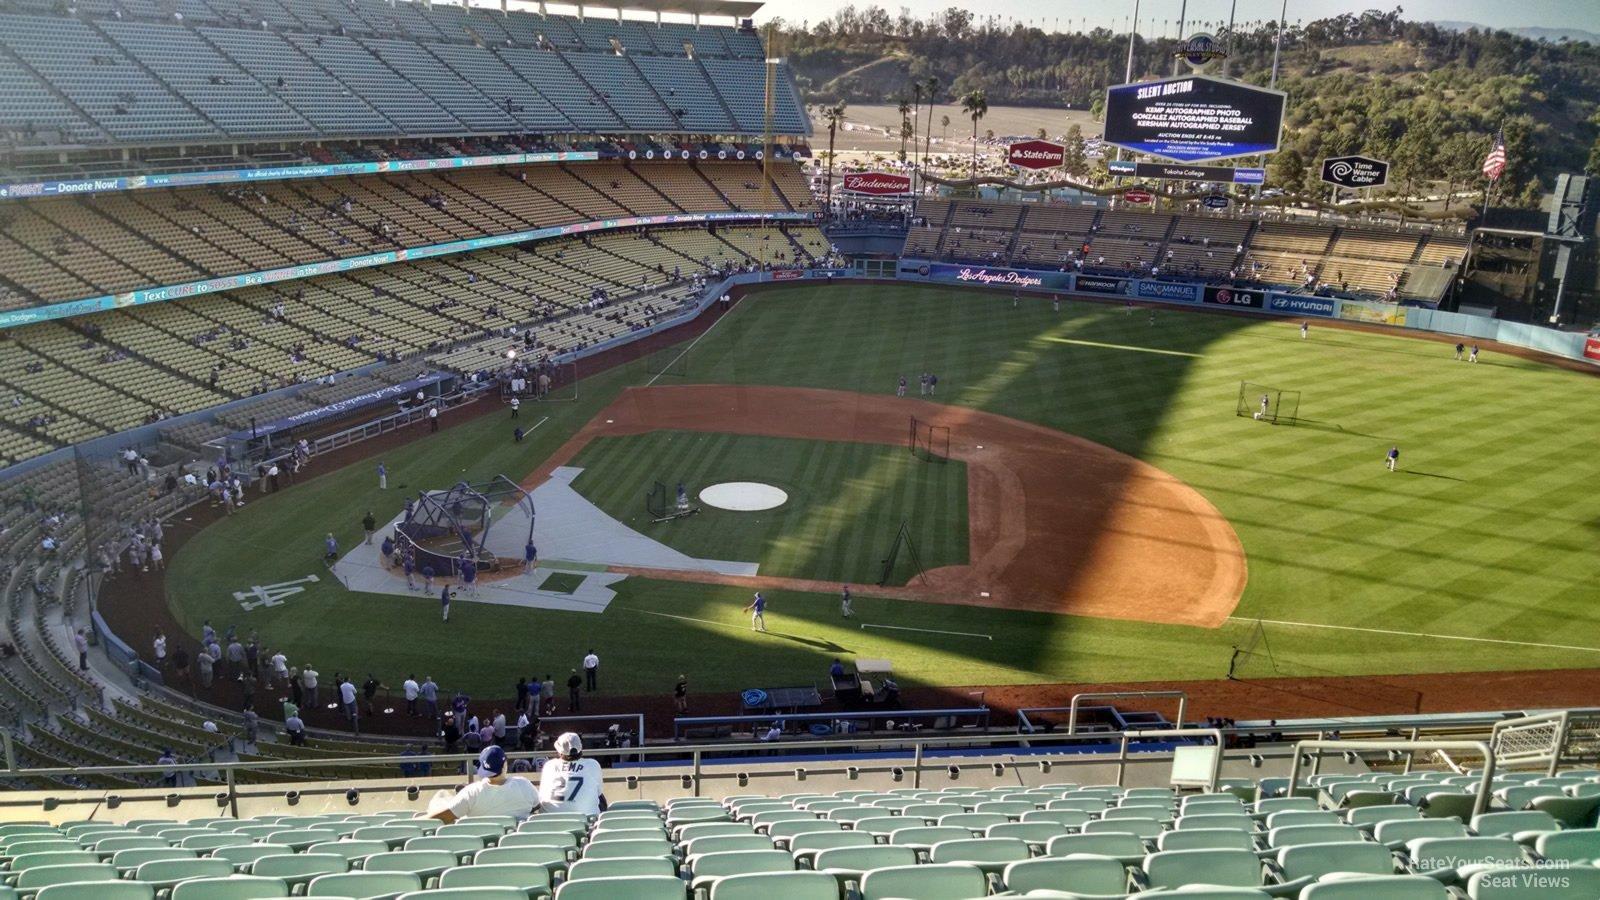 Dodger Stadium Infield Reserve 16 - RateYourSeats.com